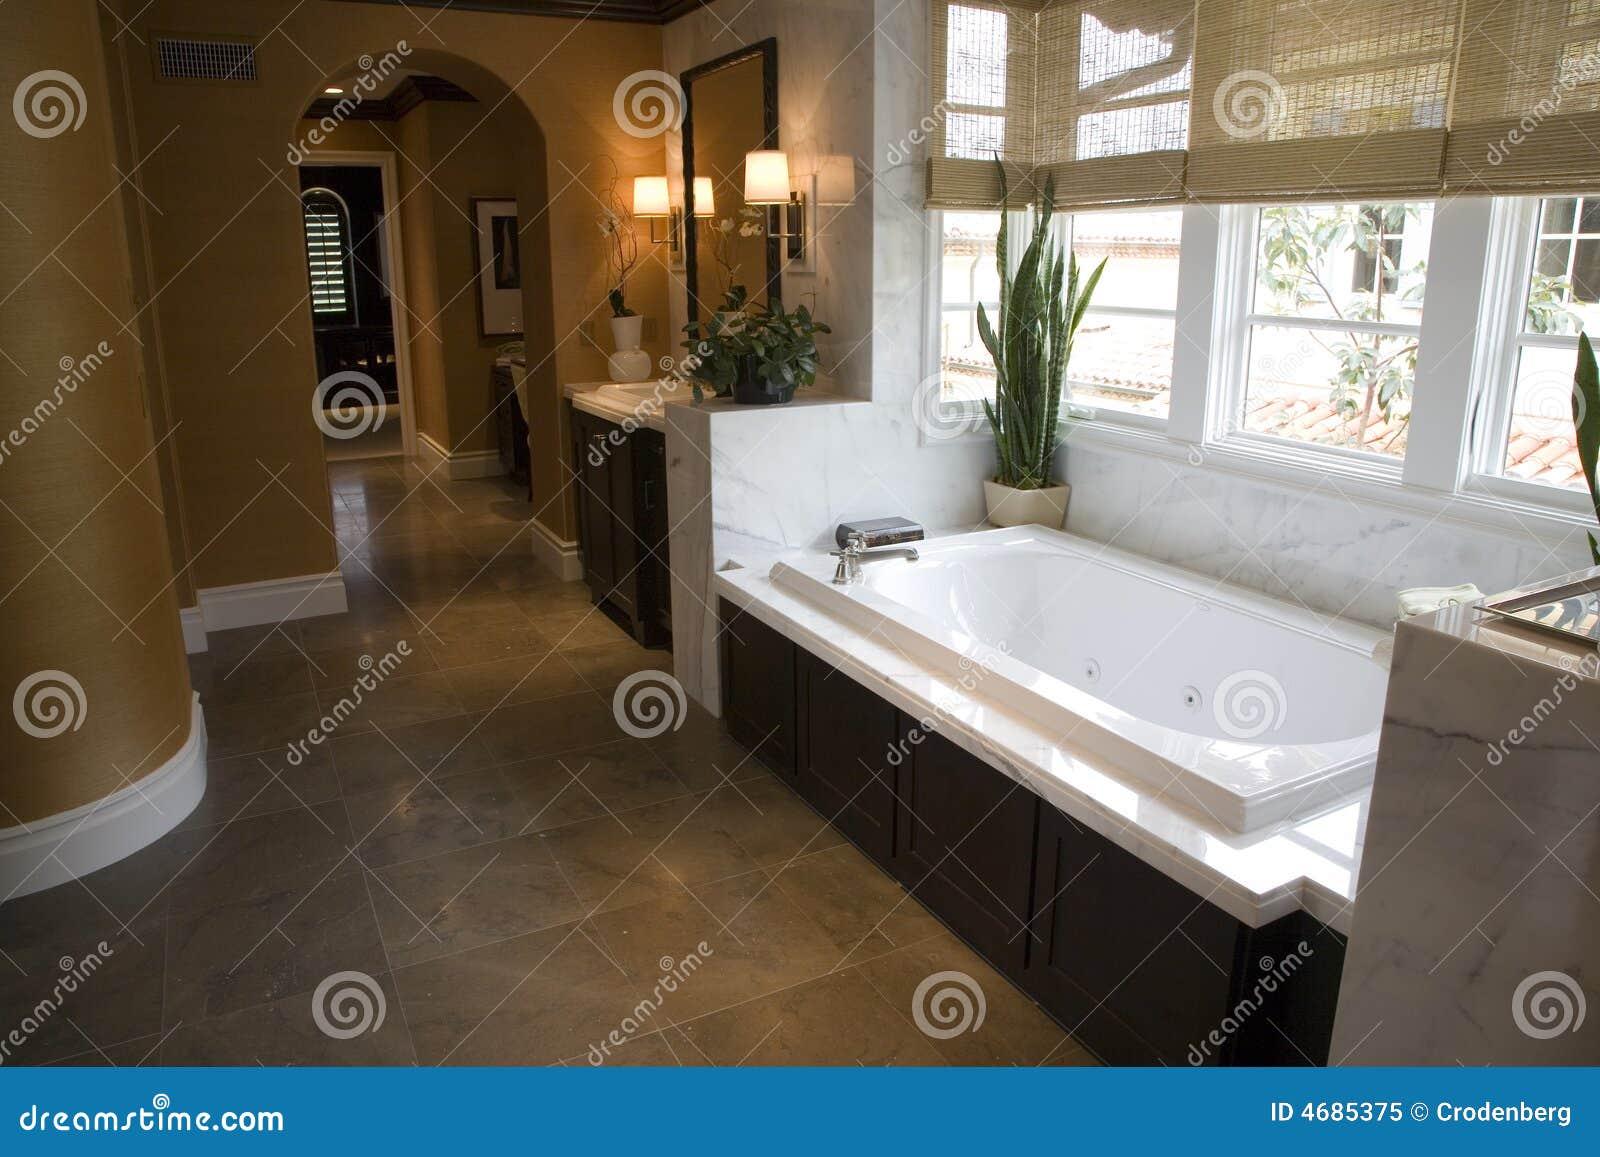 Baños Con Tina Fotos: de baño del diseñador con un suelo moderno de la tina y de azulejo